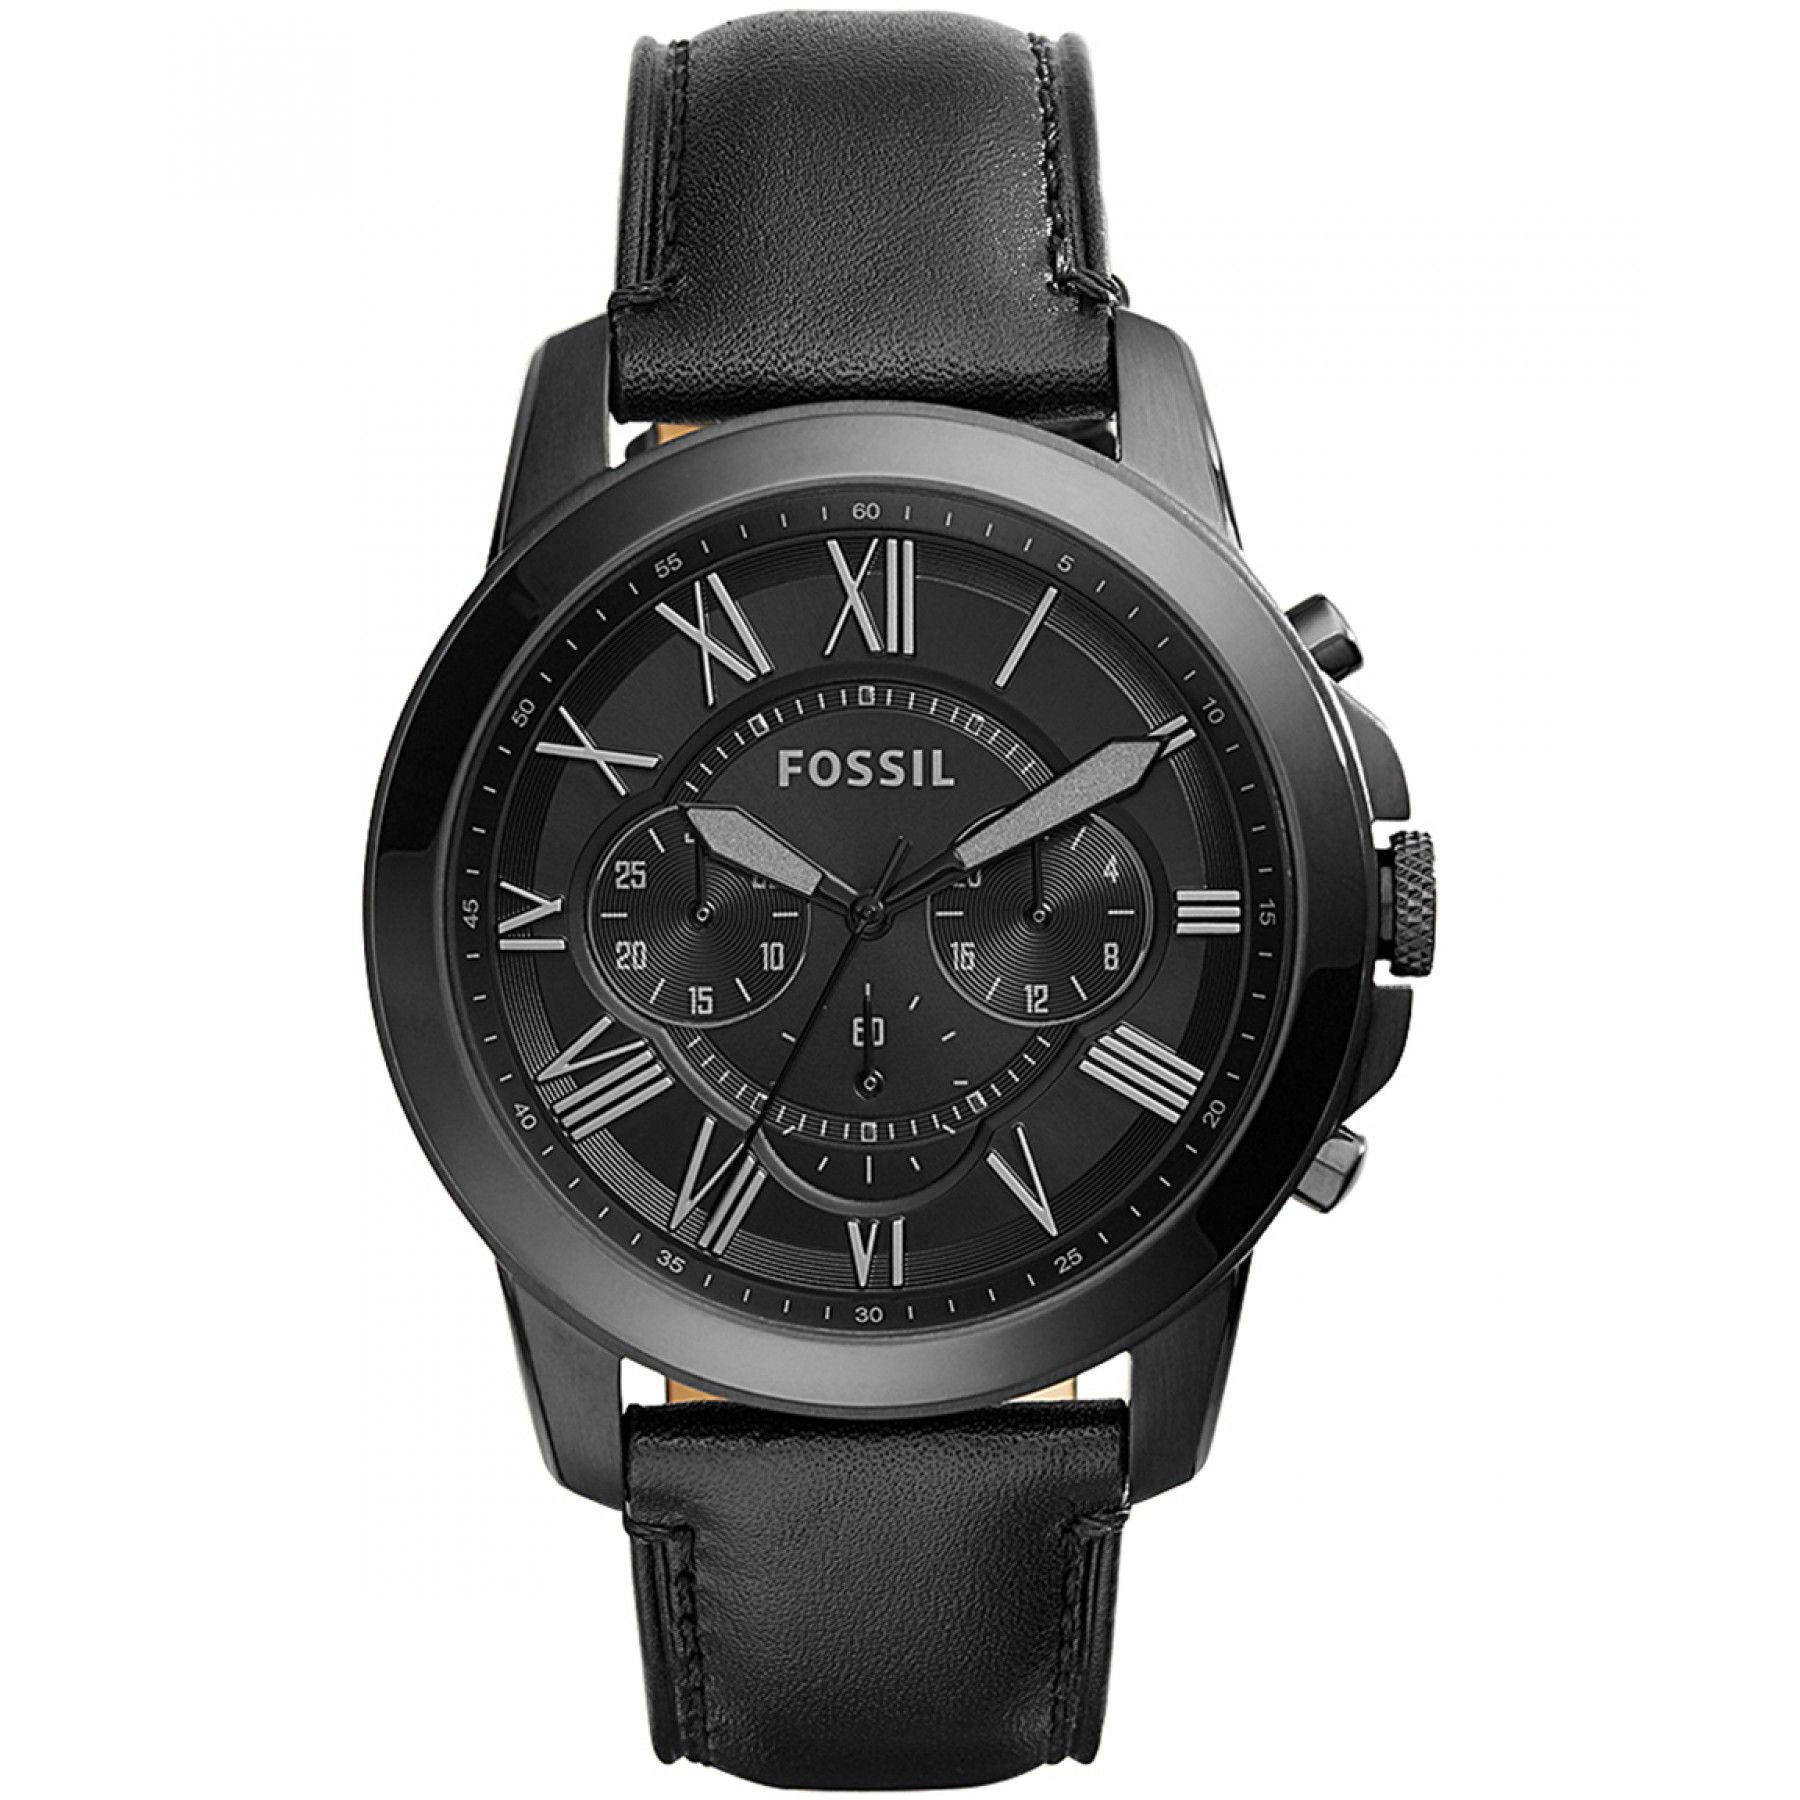 ba873c3a9d06 Reloj Fossil con extensible de correa en piel negro y manecillas  luminiscentes.